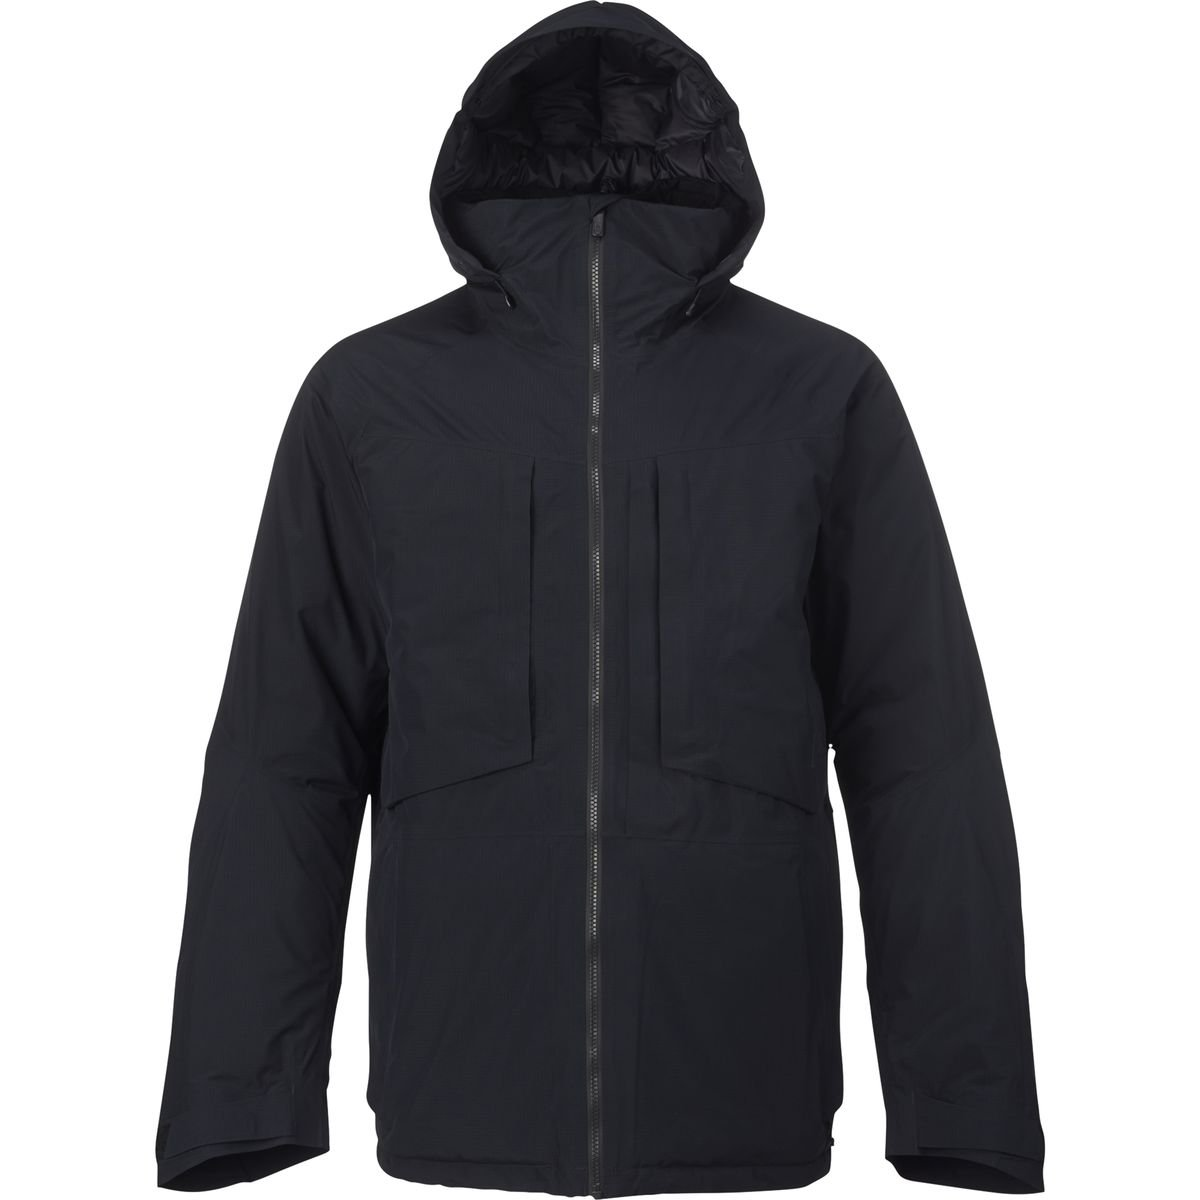 (バートン) Burton AK 2L LZ Gore-Tex Down Jacket メンズ ジャケットTrue Black [並行輸入品] B06XBZ8RVP True Black 日本サイズ M (US S)